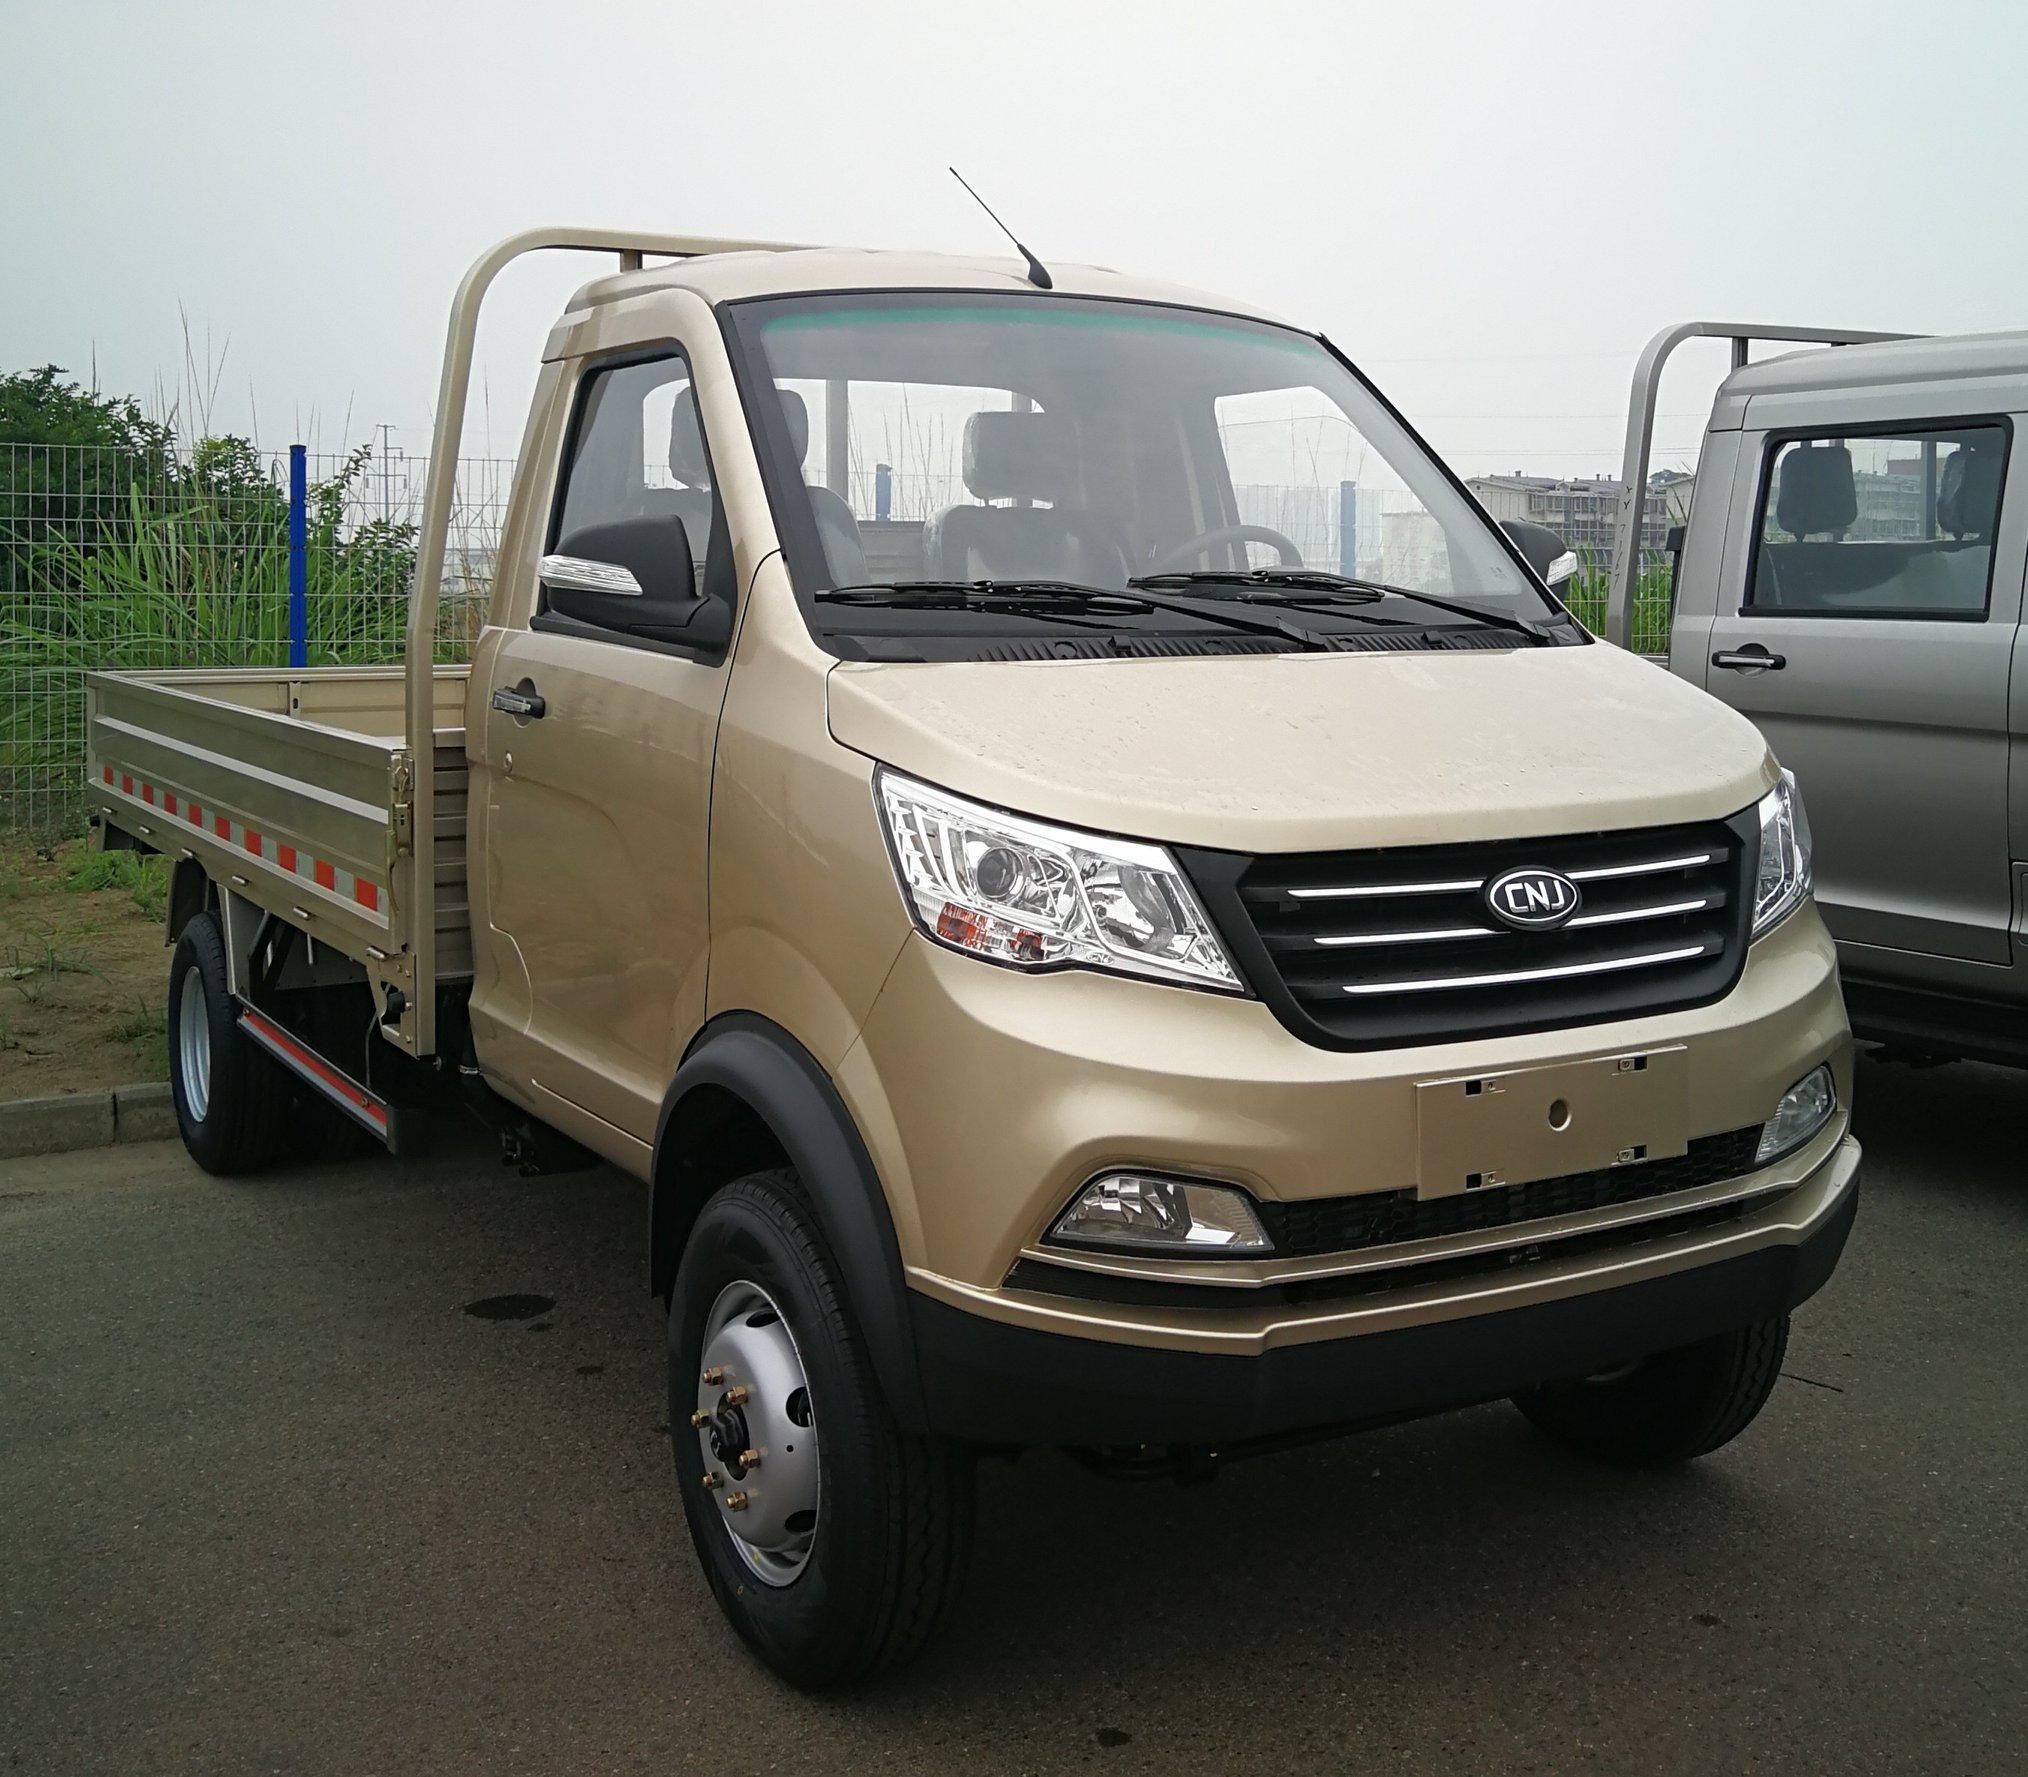 Cnj-3-ton-lichte-truck---dumper-met-isuzu-2-7-l-diesel-3